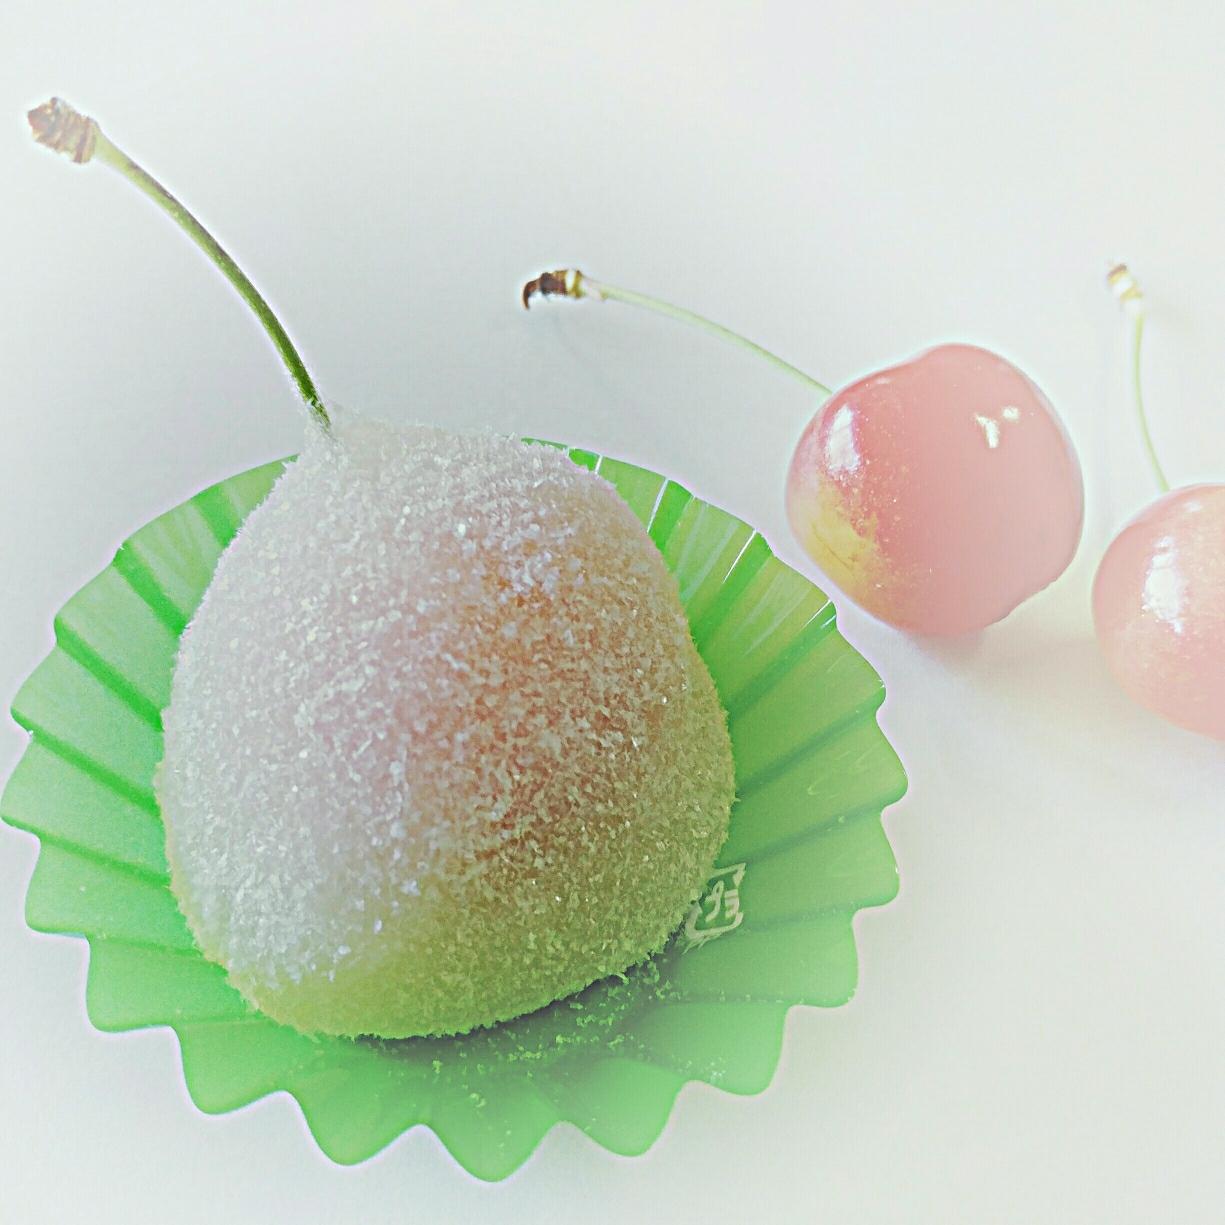 さくらんぼの大福「蜜さくらんぼ🍒」